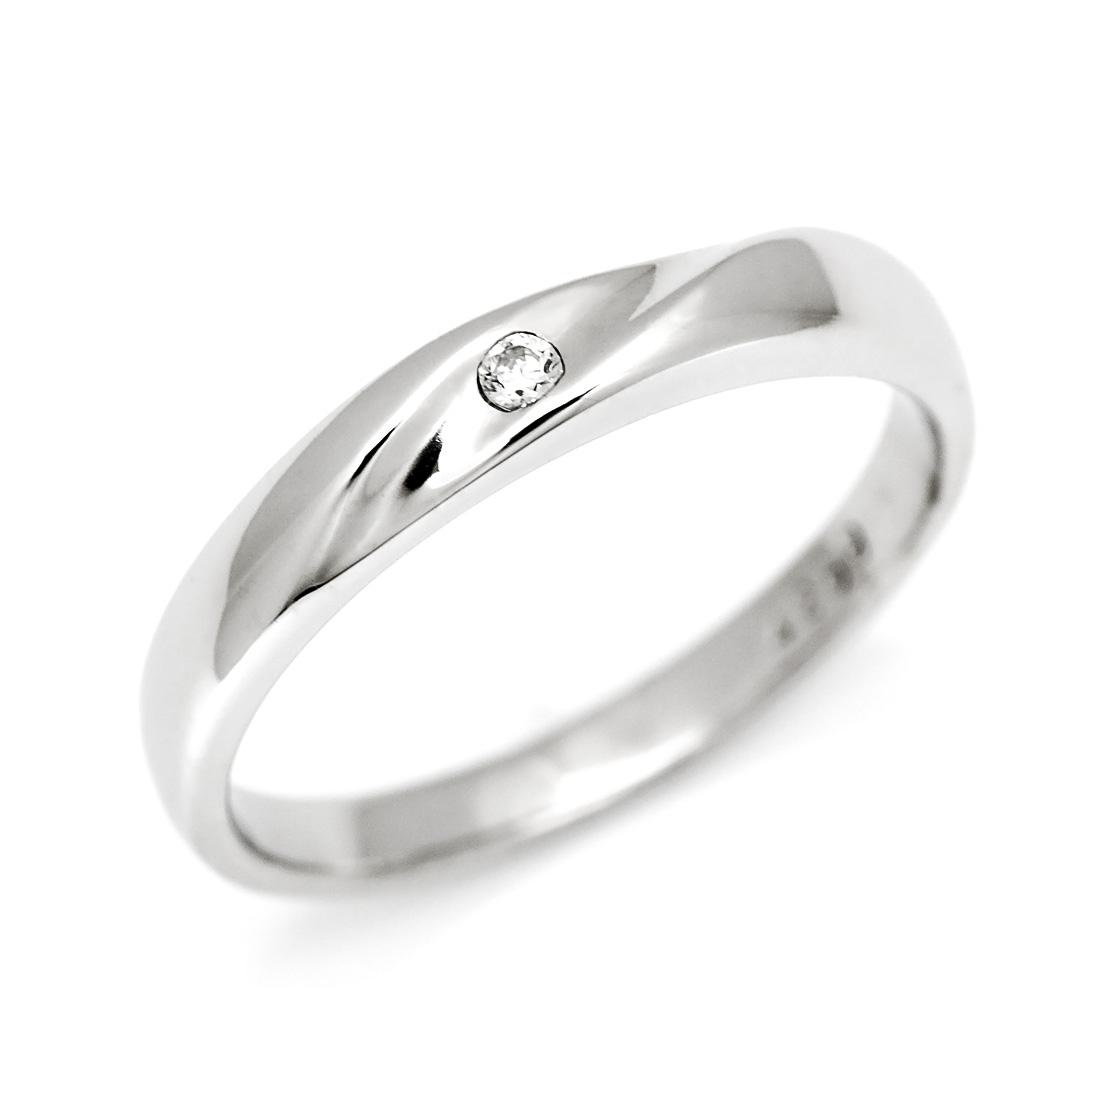 マリッジリング ダイヤモンド 「Melt」 プラチナ900 (レディース:1~20号)